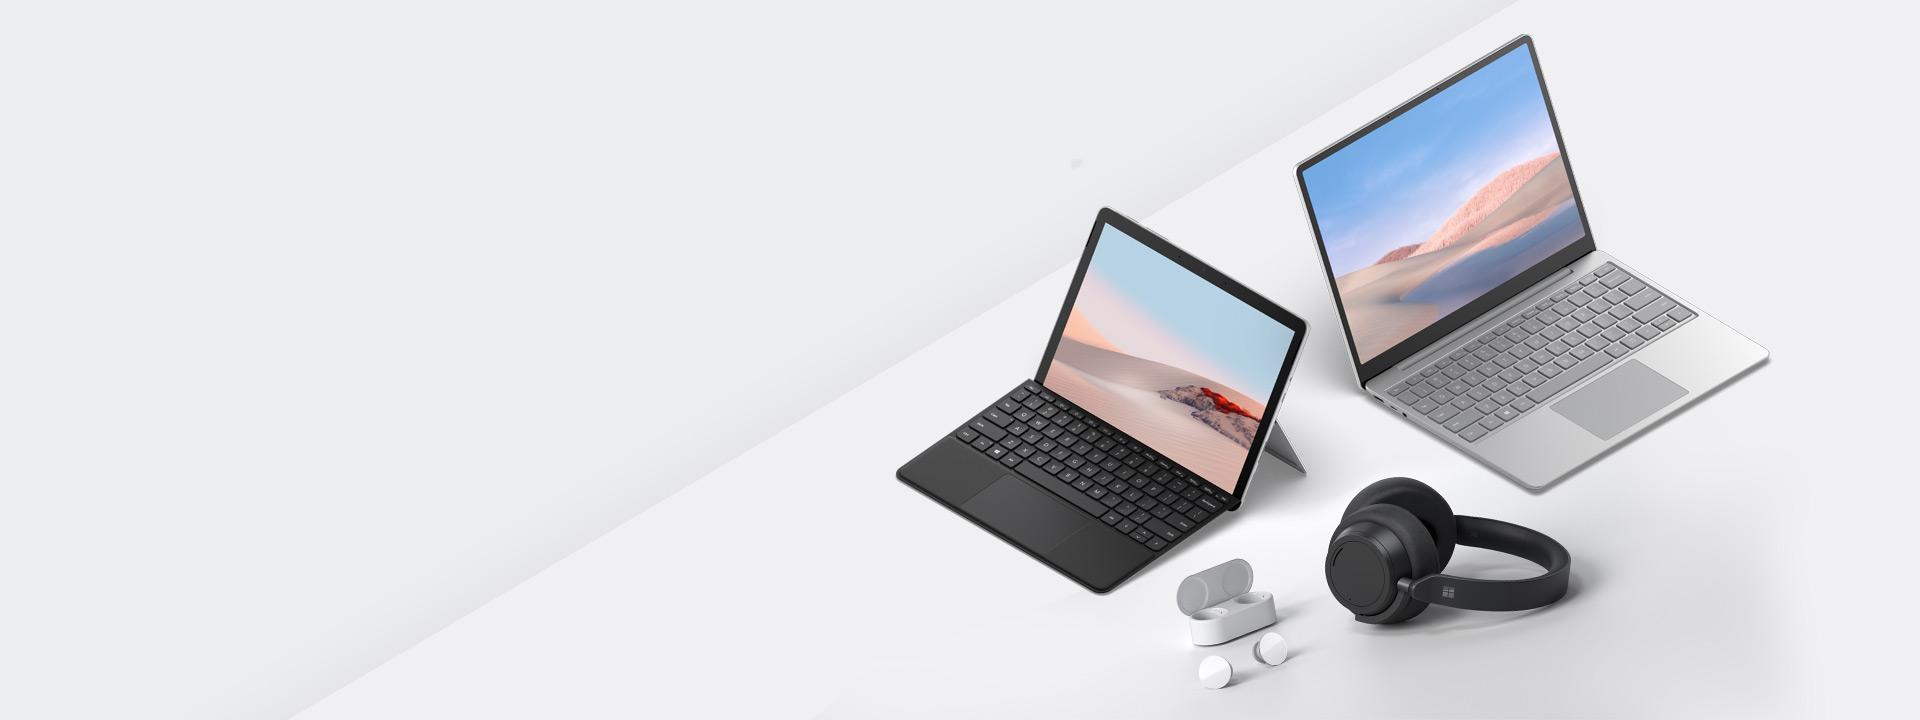 Bild zeigt Surface Laptop Go und Surface Go 2 mit Ohr- und Kopfhörern